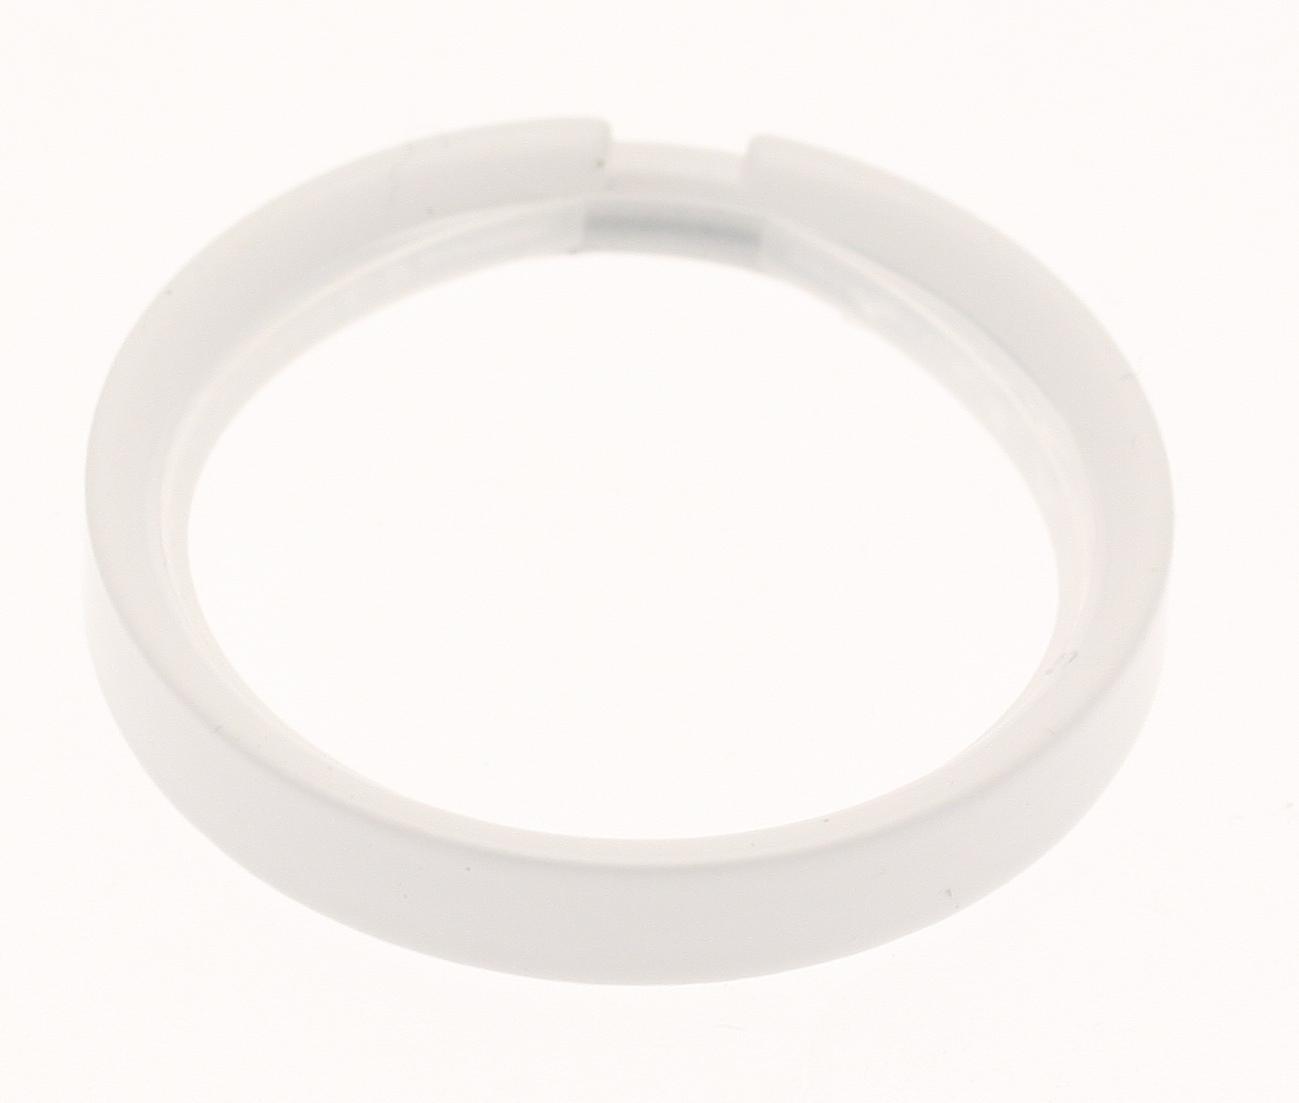 10 Anneaux pour barre ø 20mm - Blanc - 20 mm